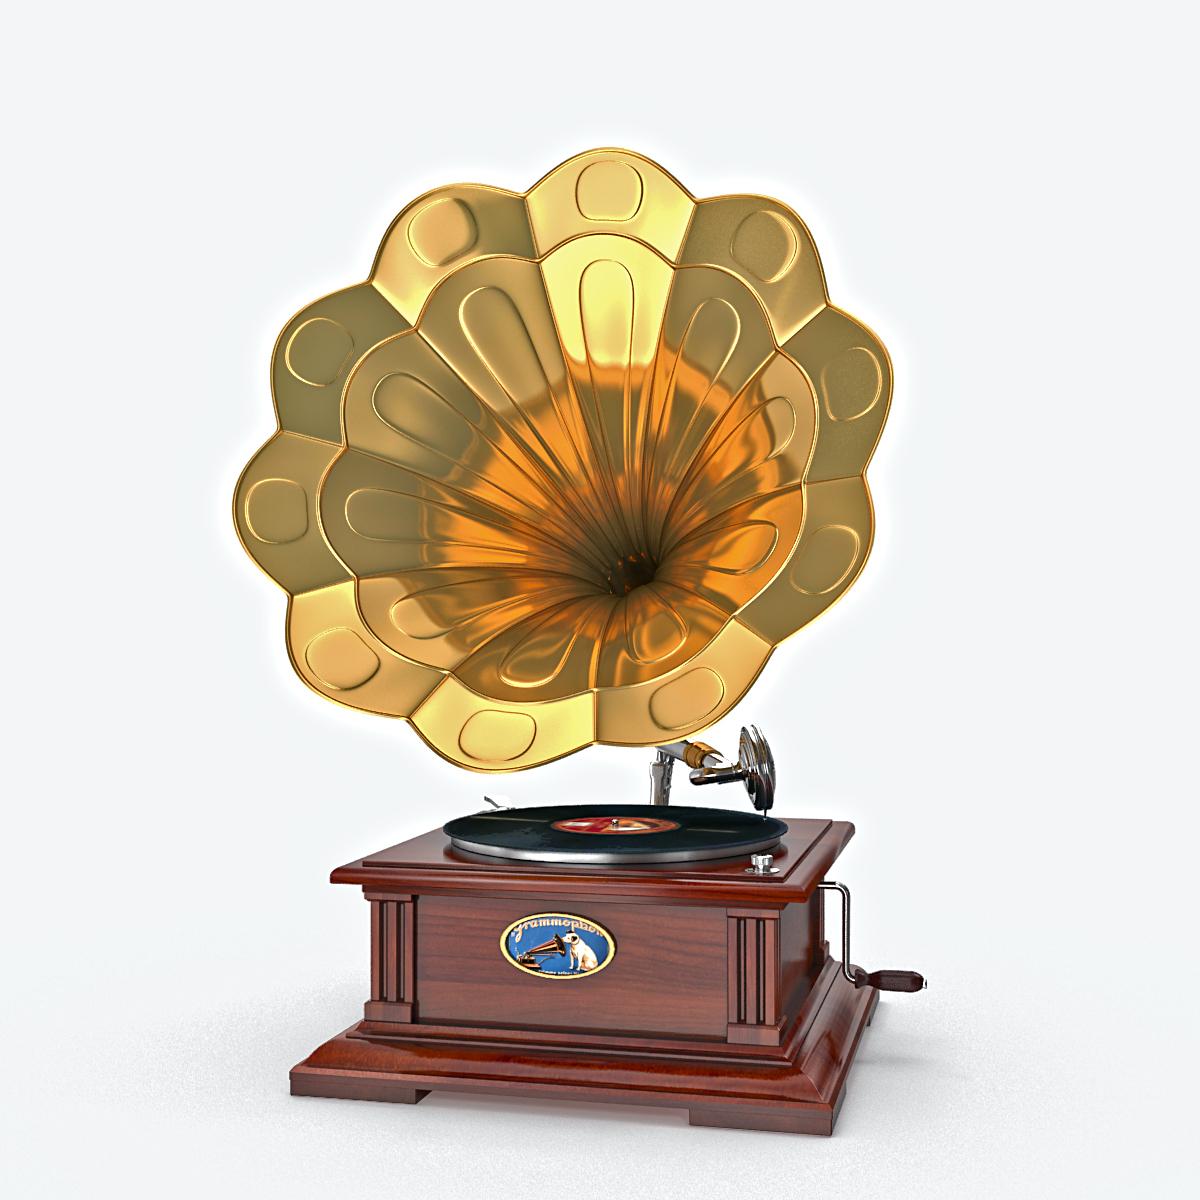 phonograph v1 3d model max fbx obj 217310